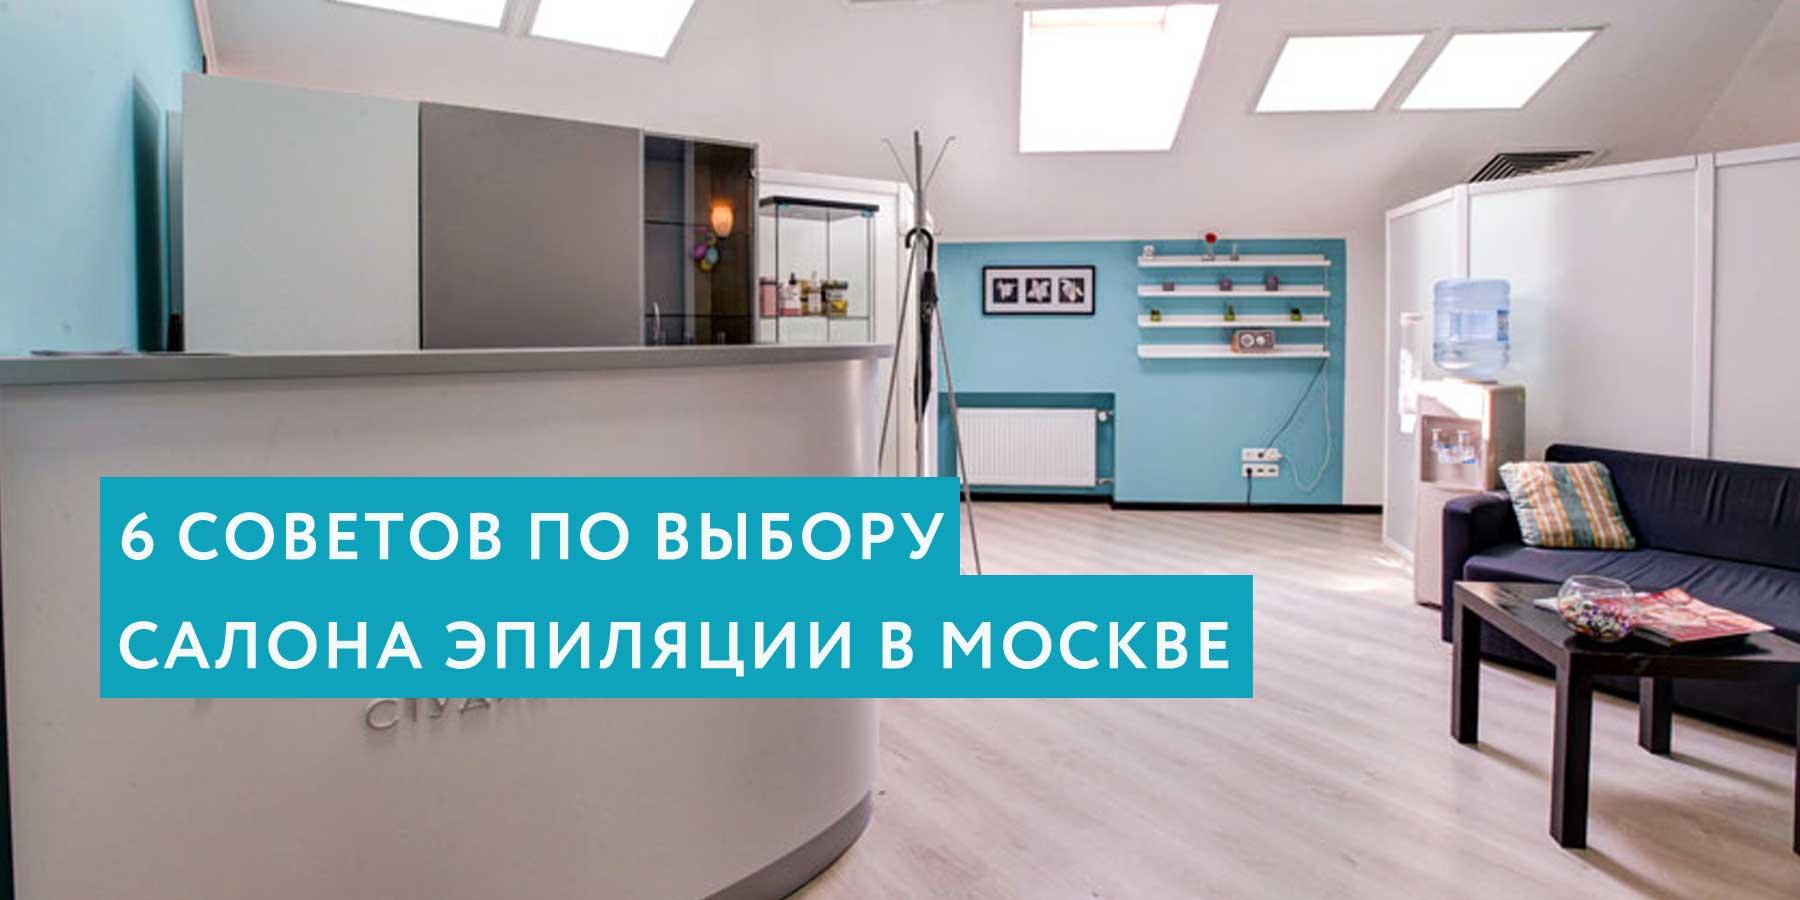 Выбираем салон эпиляции в Москве: 6 важных советов